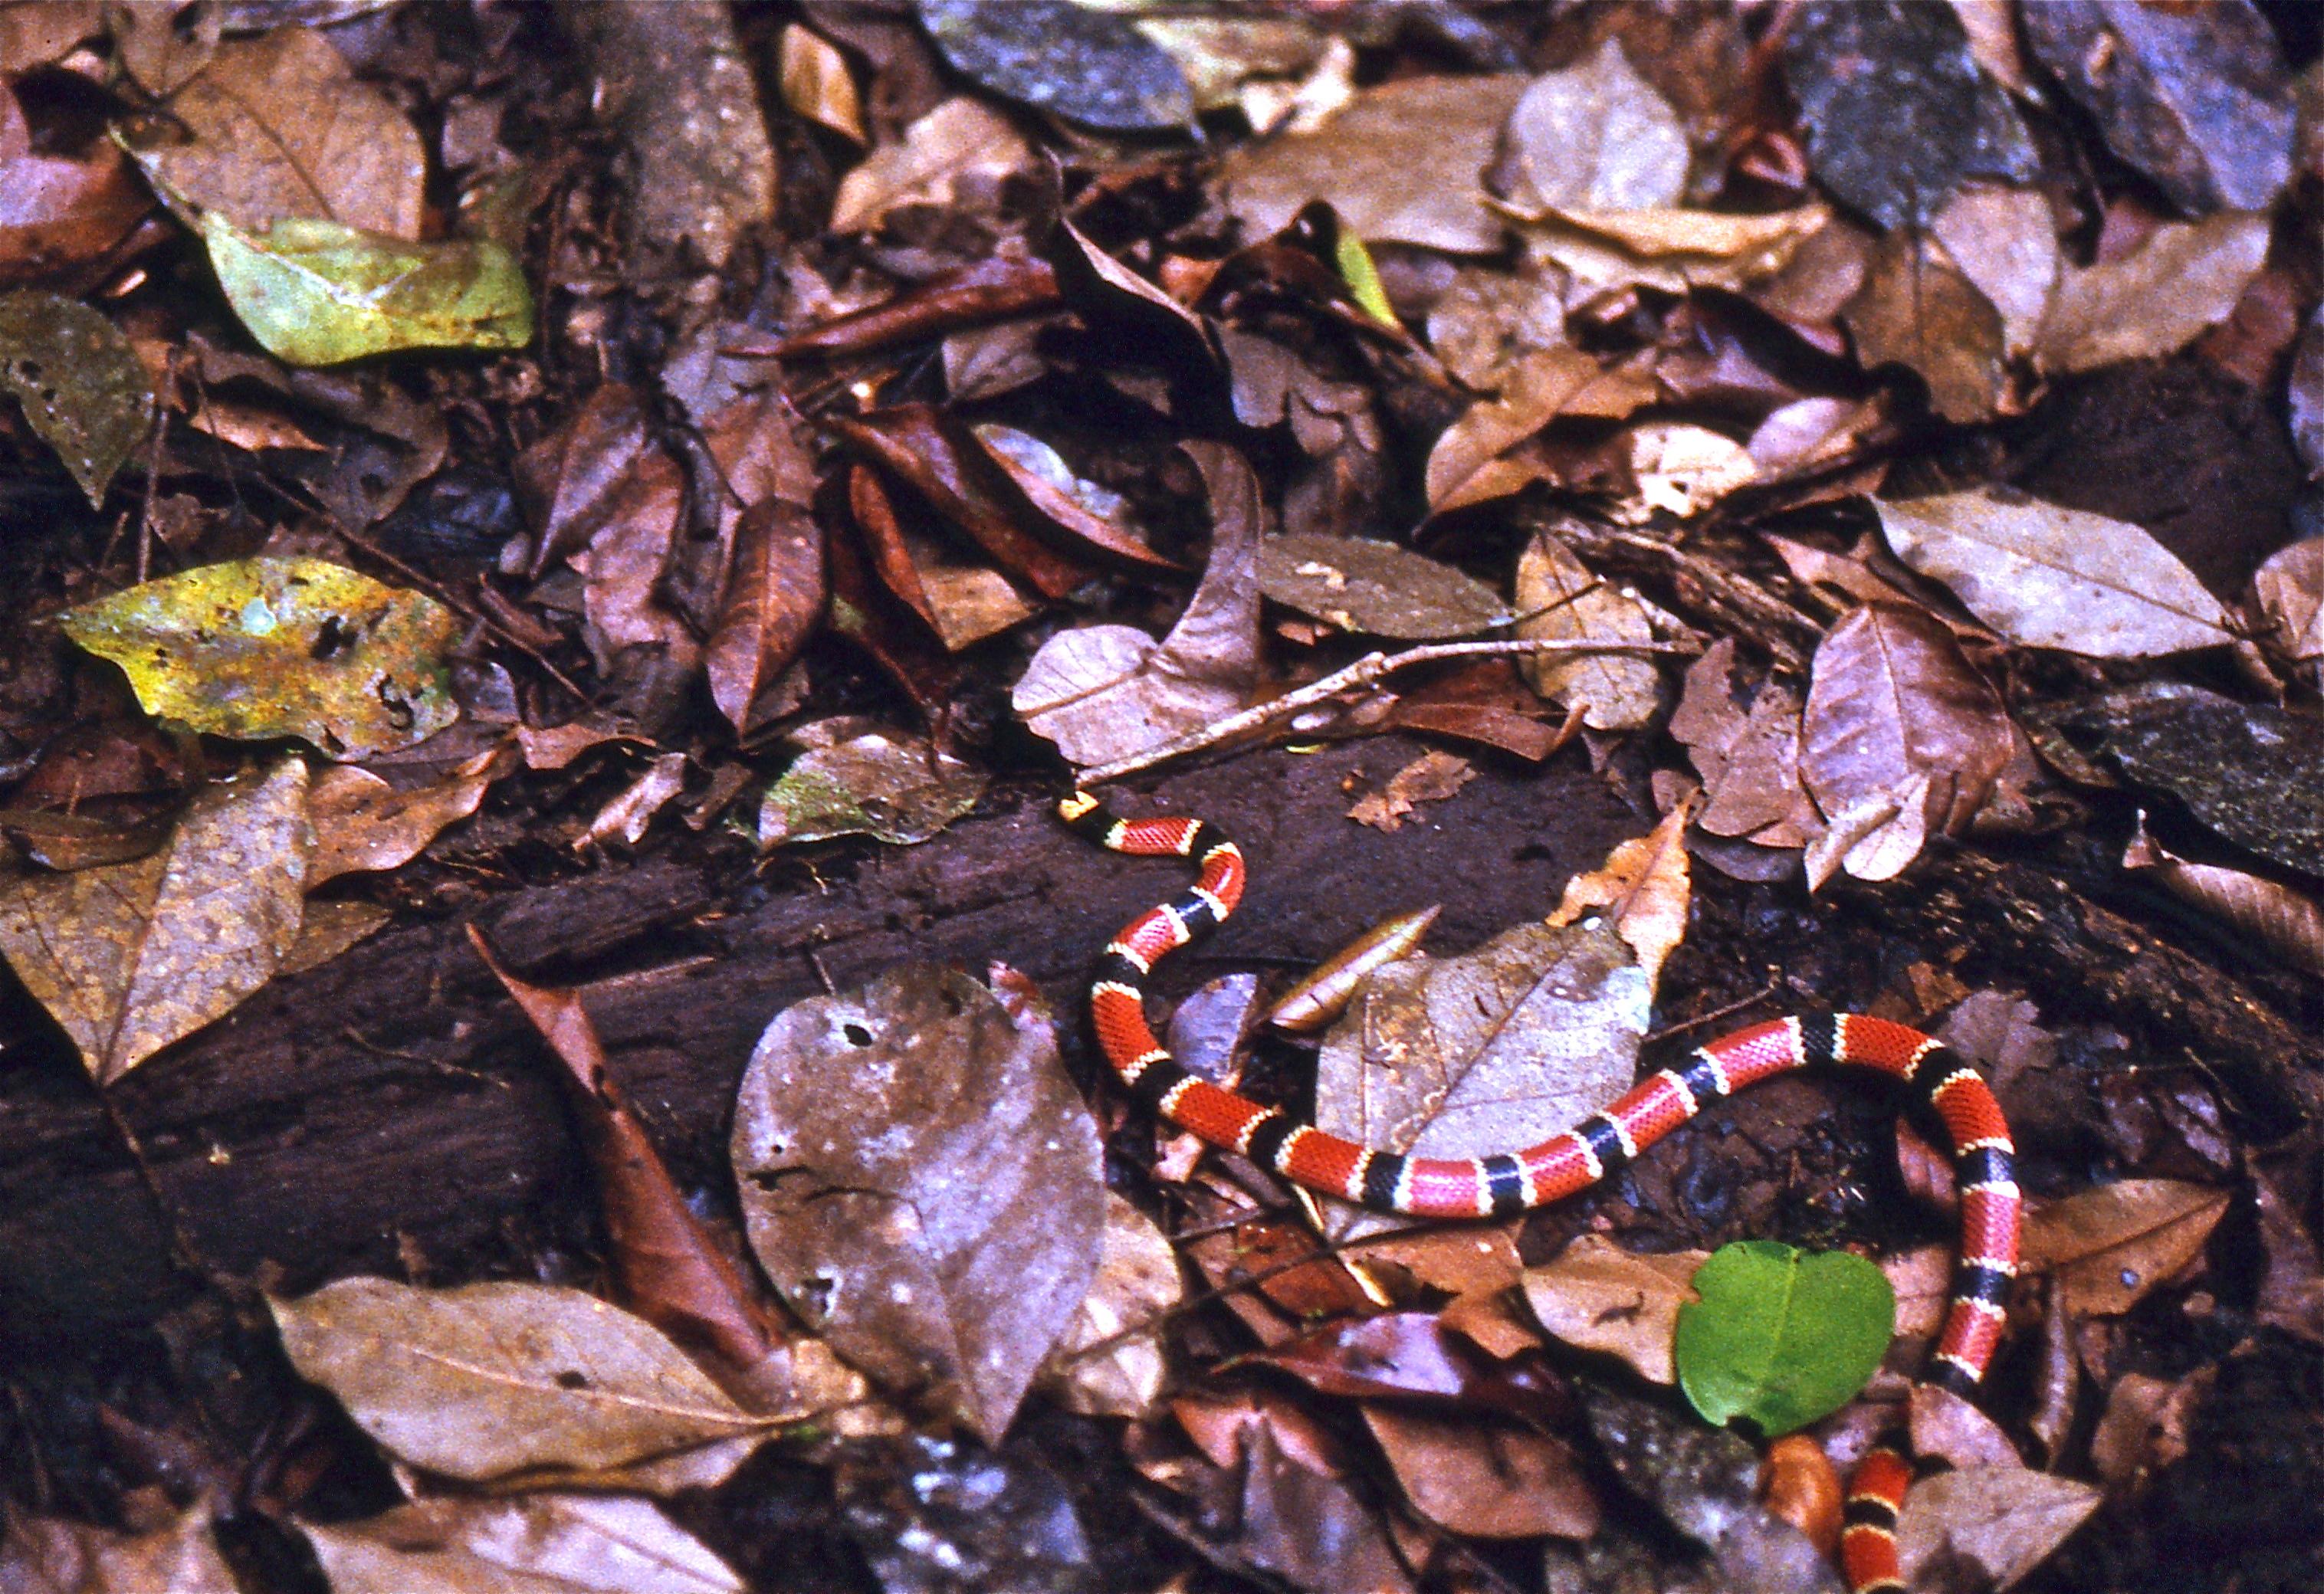 Image of Allen's Coral Snake